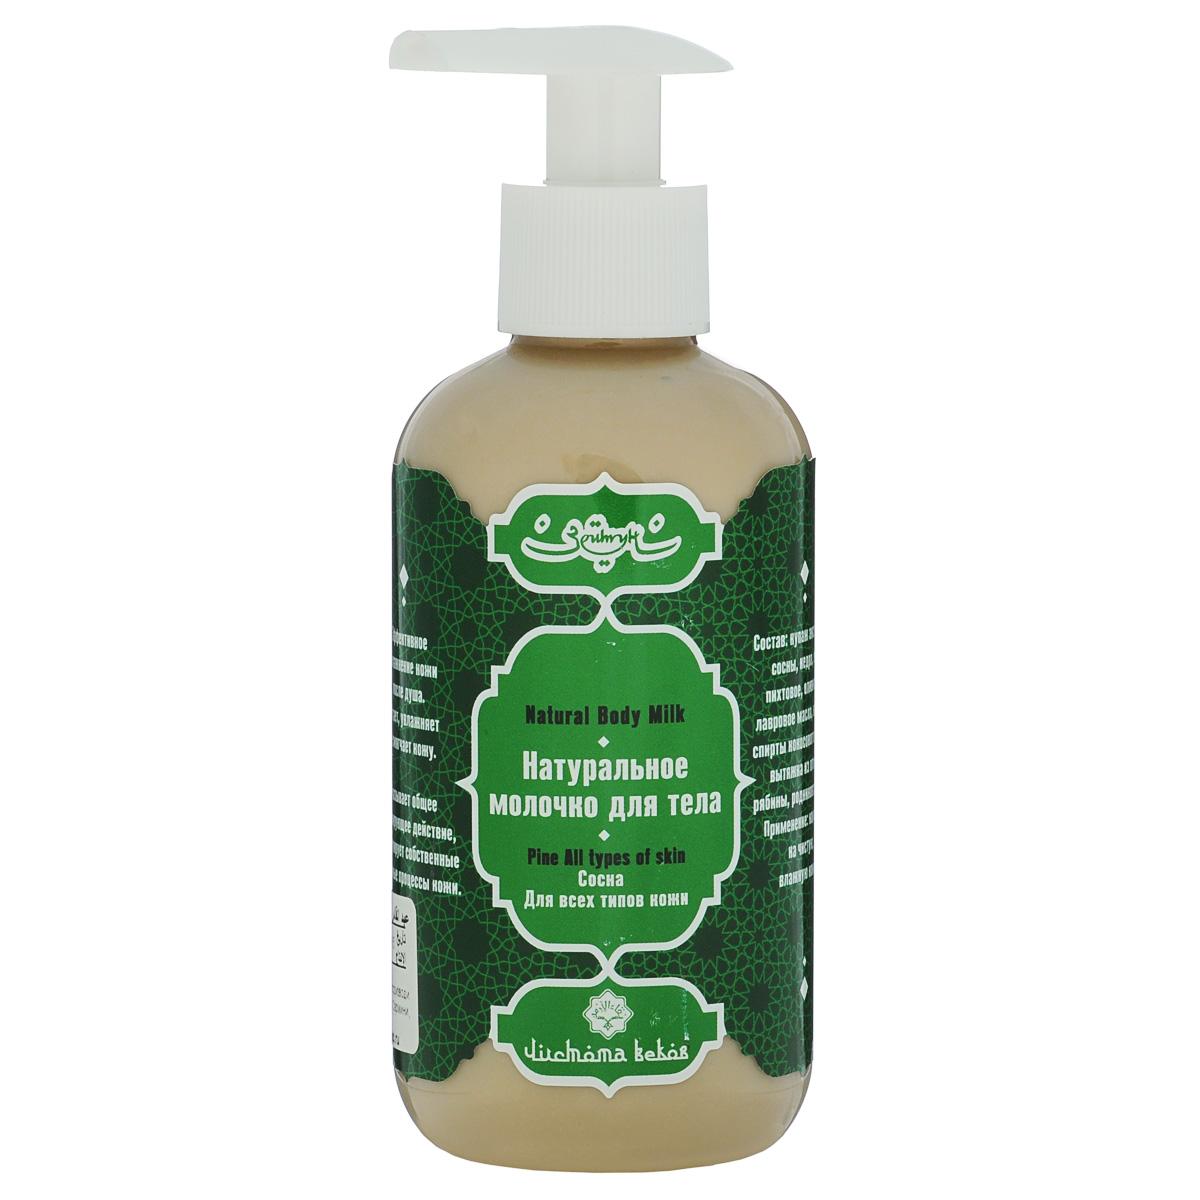 Зейтун Молочко для тела Сосна, 200 млZ1411Эффективное увлажнение кожи после душа. Питает, увлажняет и смягчает кожу. Оказывает общее тонизирующее действие, стимулирует собственные обменные процессы кожи.